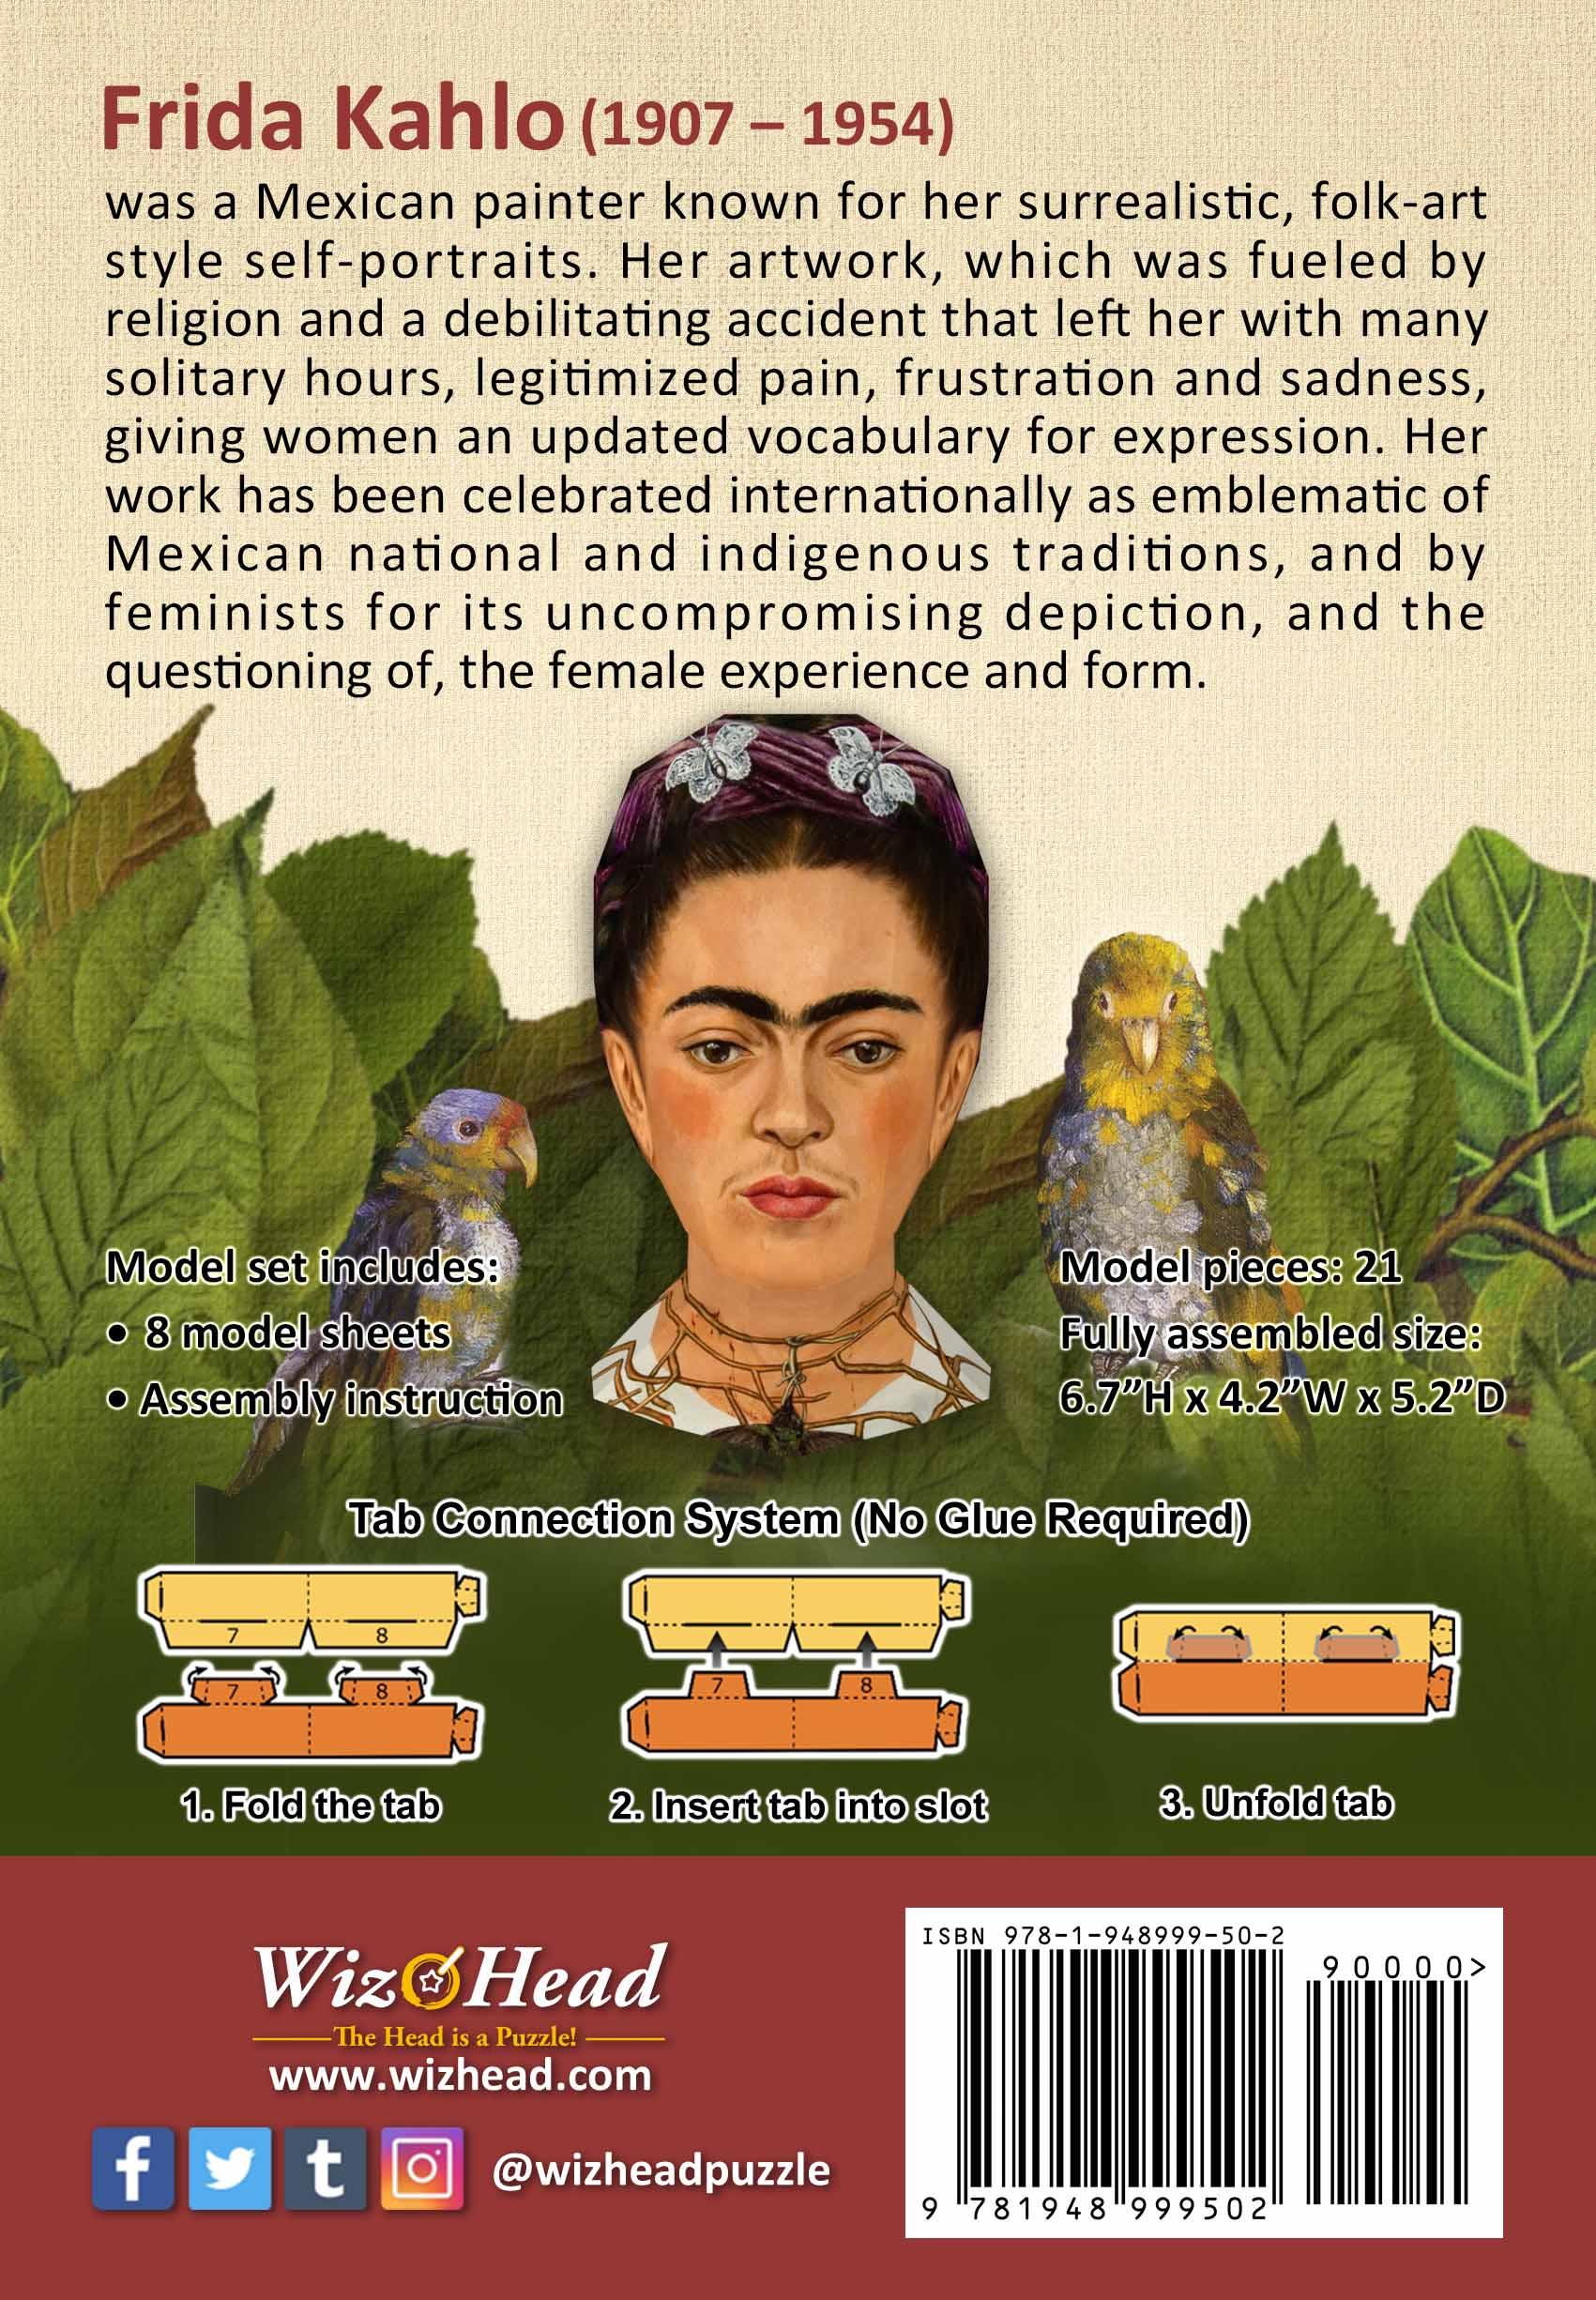 Frida Kahlo (Full Size)